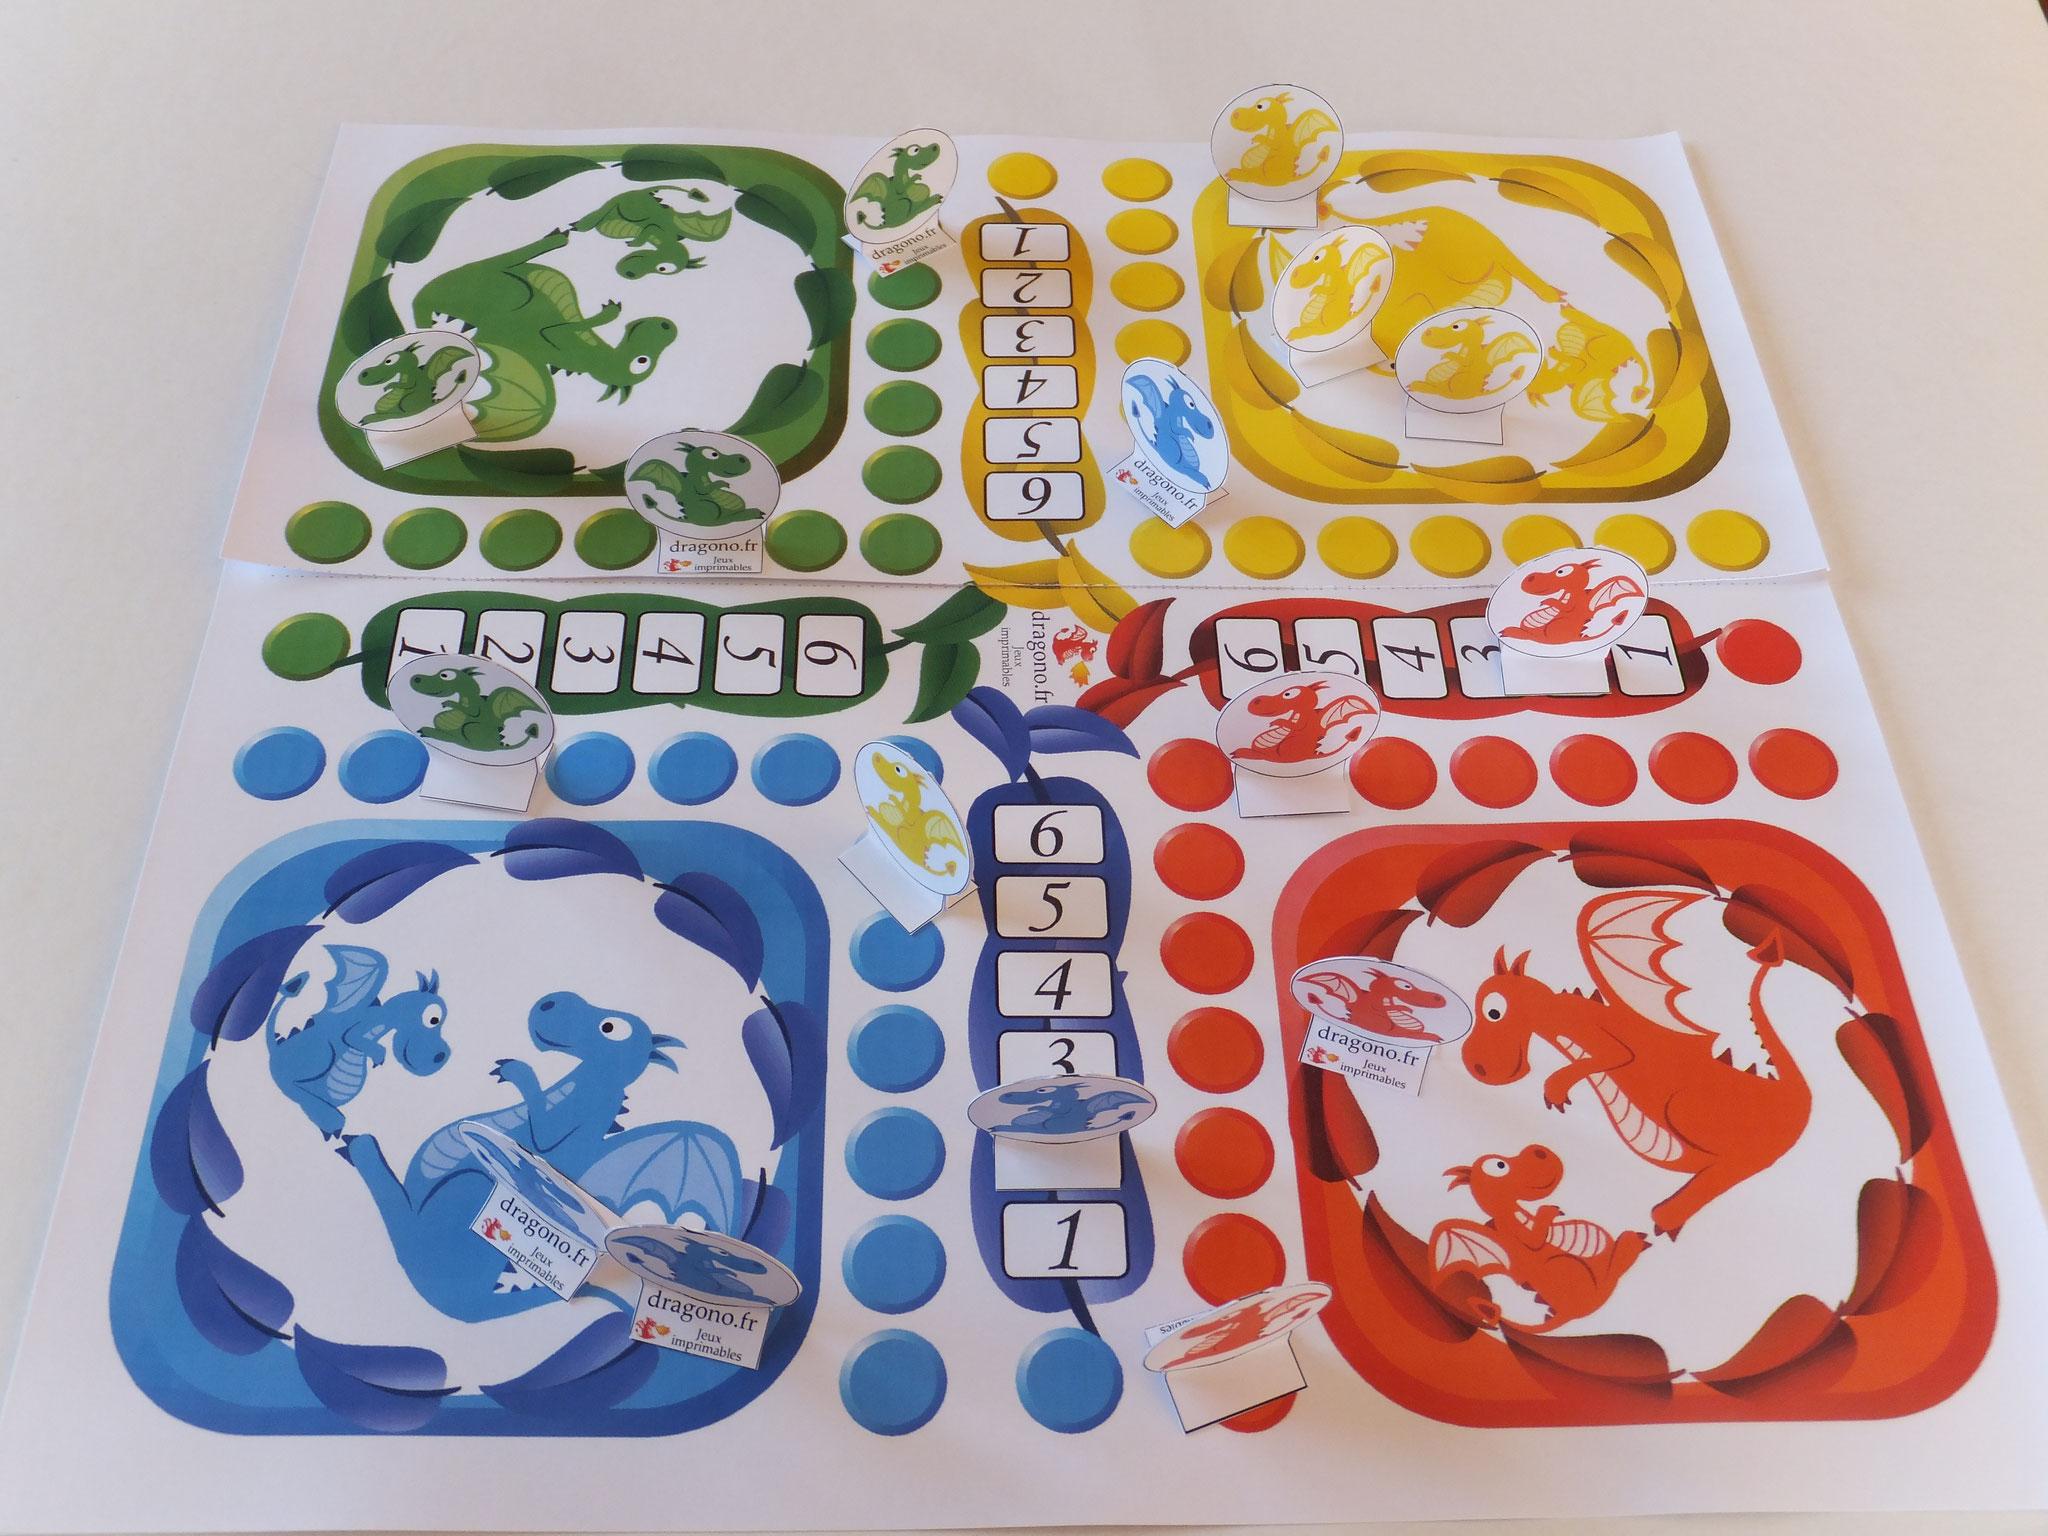 Jeux A Imprimer Pour Enfants, Famille, Ludiques, Éducatifs encequiconcerne Jeux De Découpage